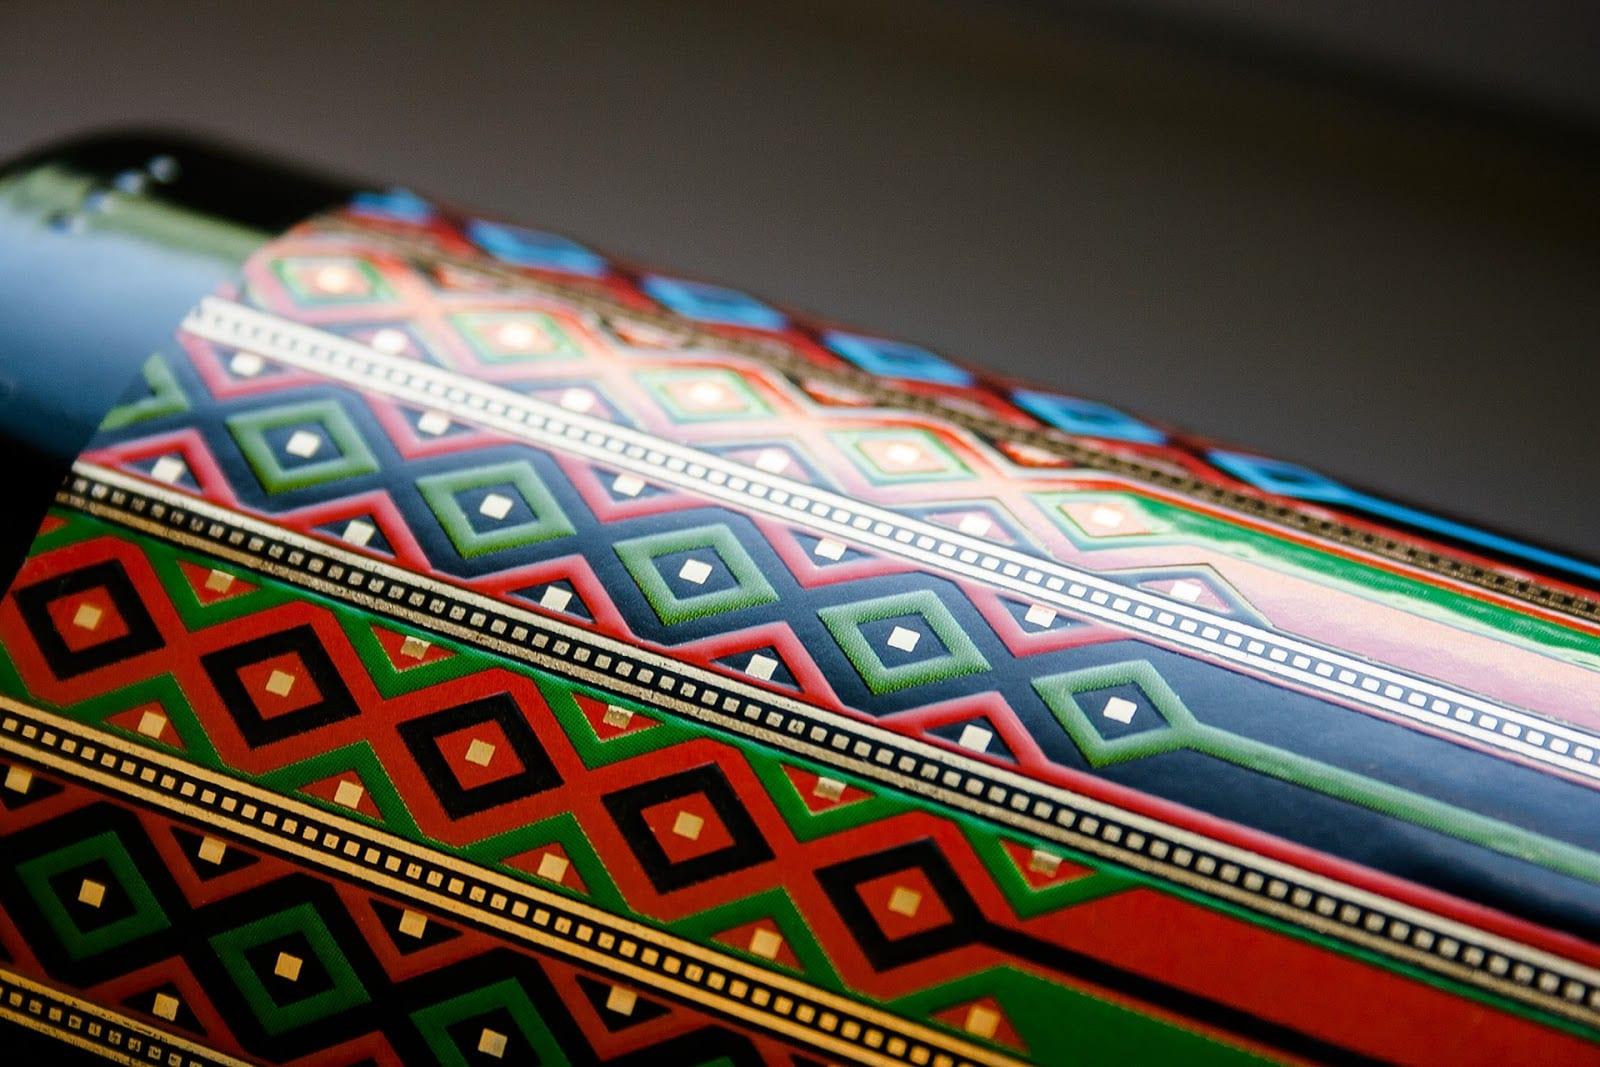 BAGRA 01 - Ach, tie obaly – Bagra